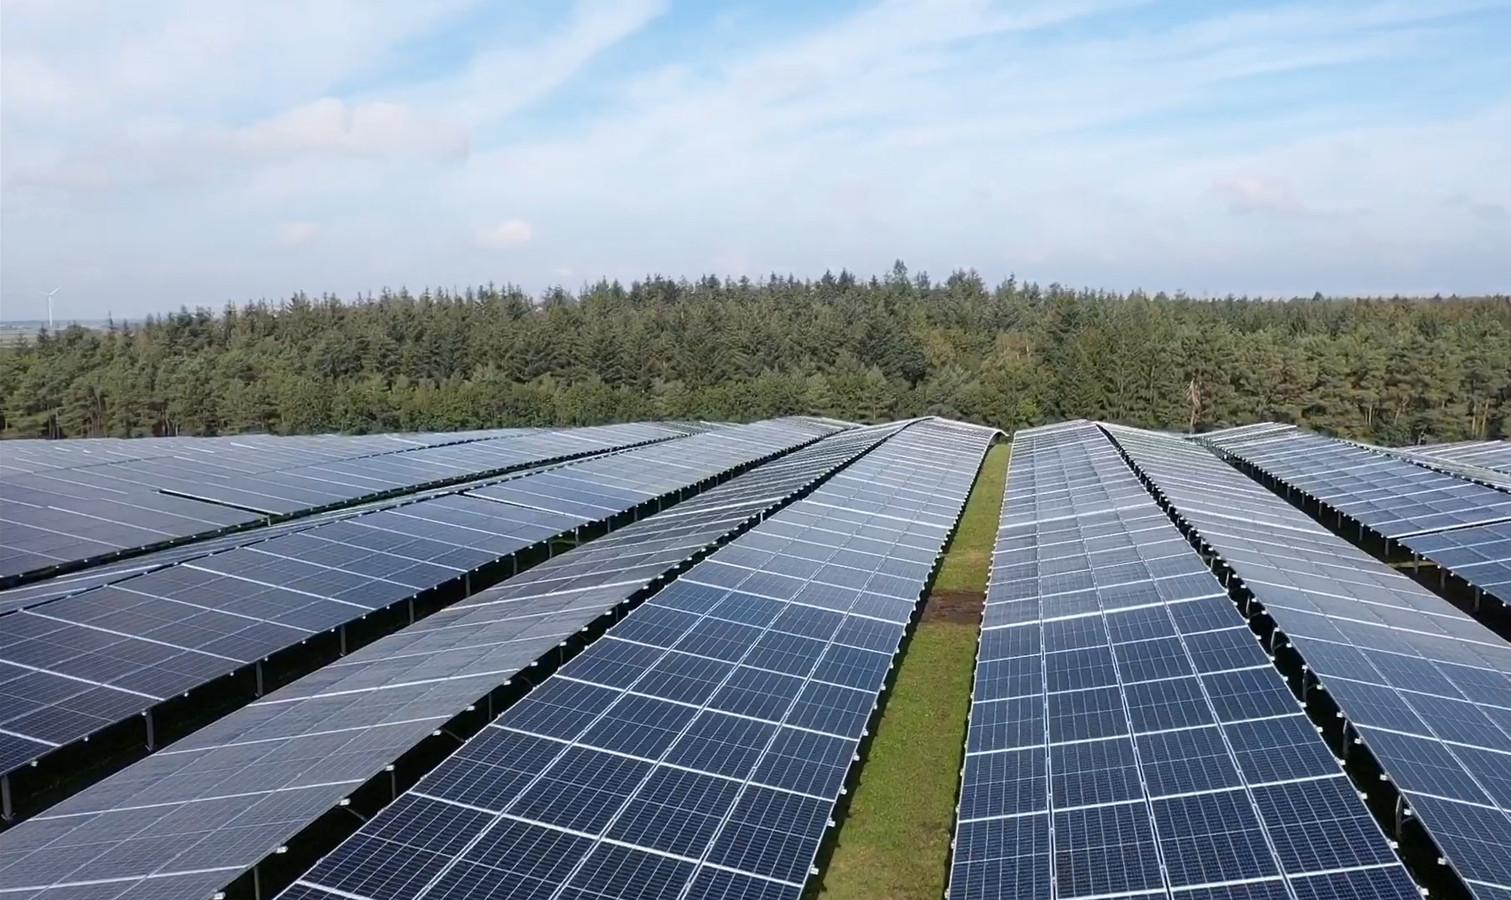 Voorbeeld van een zonnepark op landbouw- of natuurgrond.